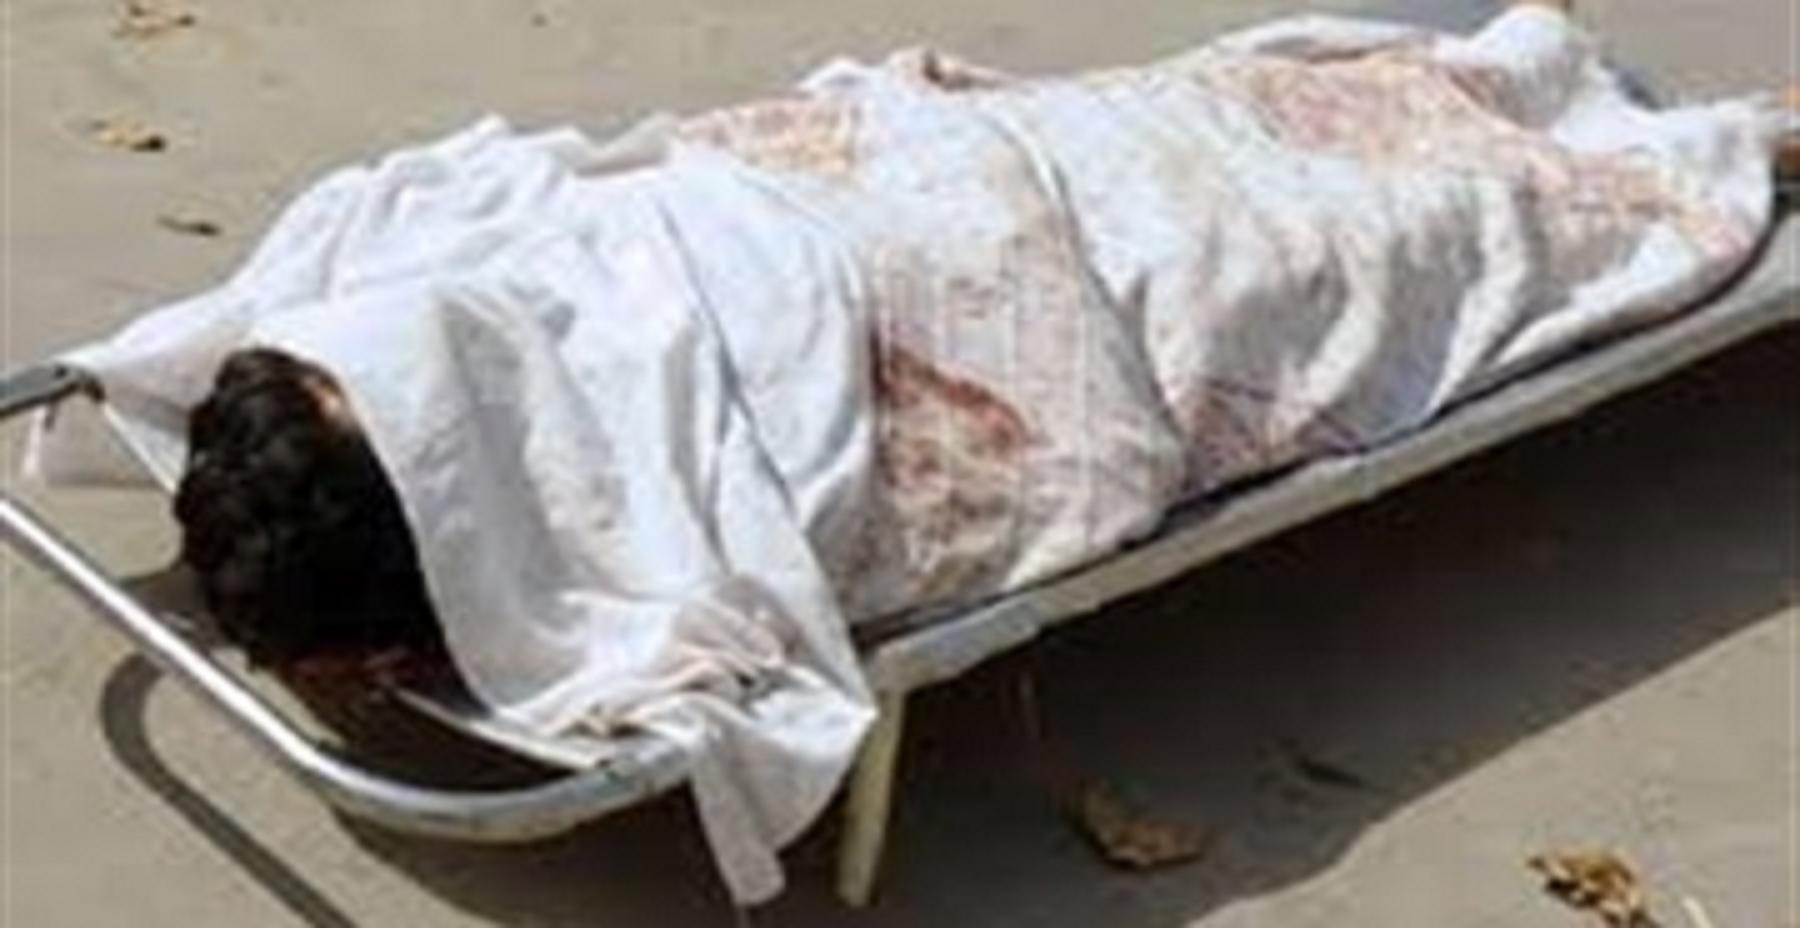 شخص وإصابة 11 في حادث تصادم بالعاشر من رمضان